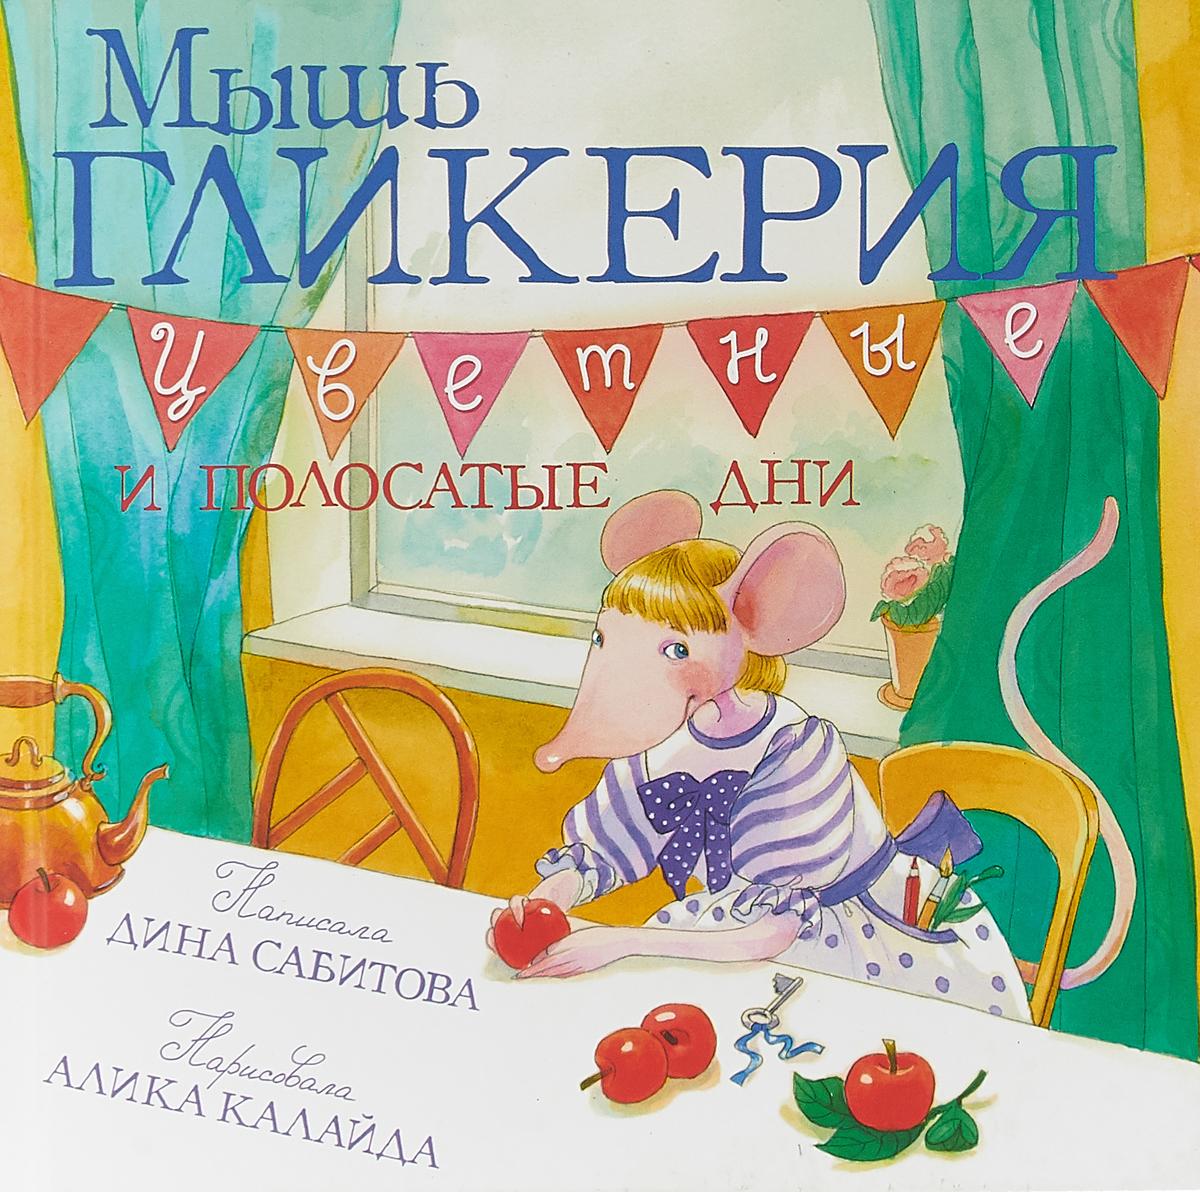 Дина Сабитова Мышь Гликерия. Цветные и полосатые дни